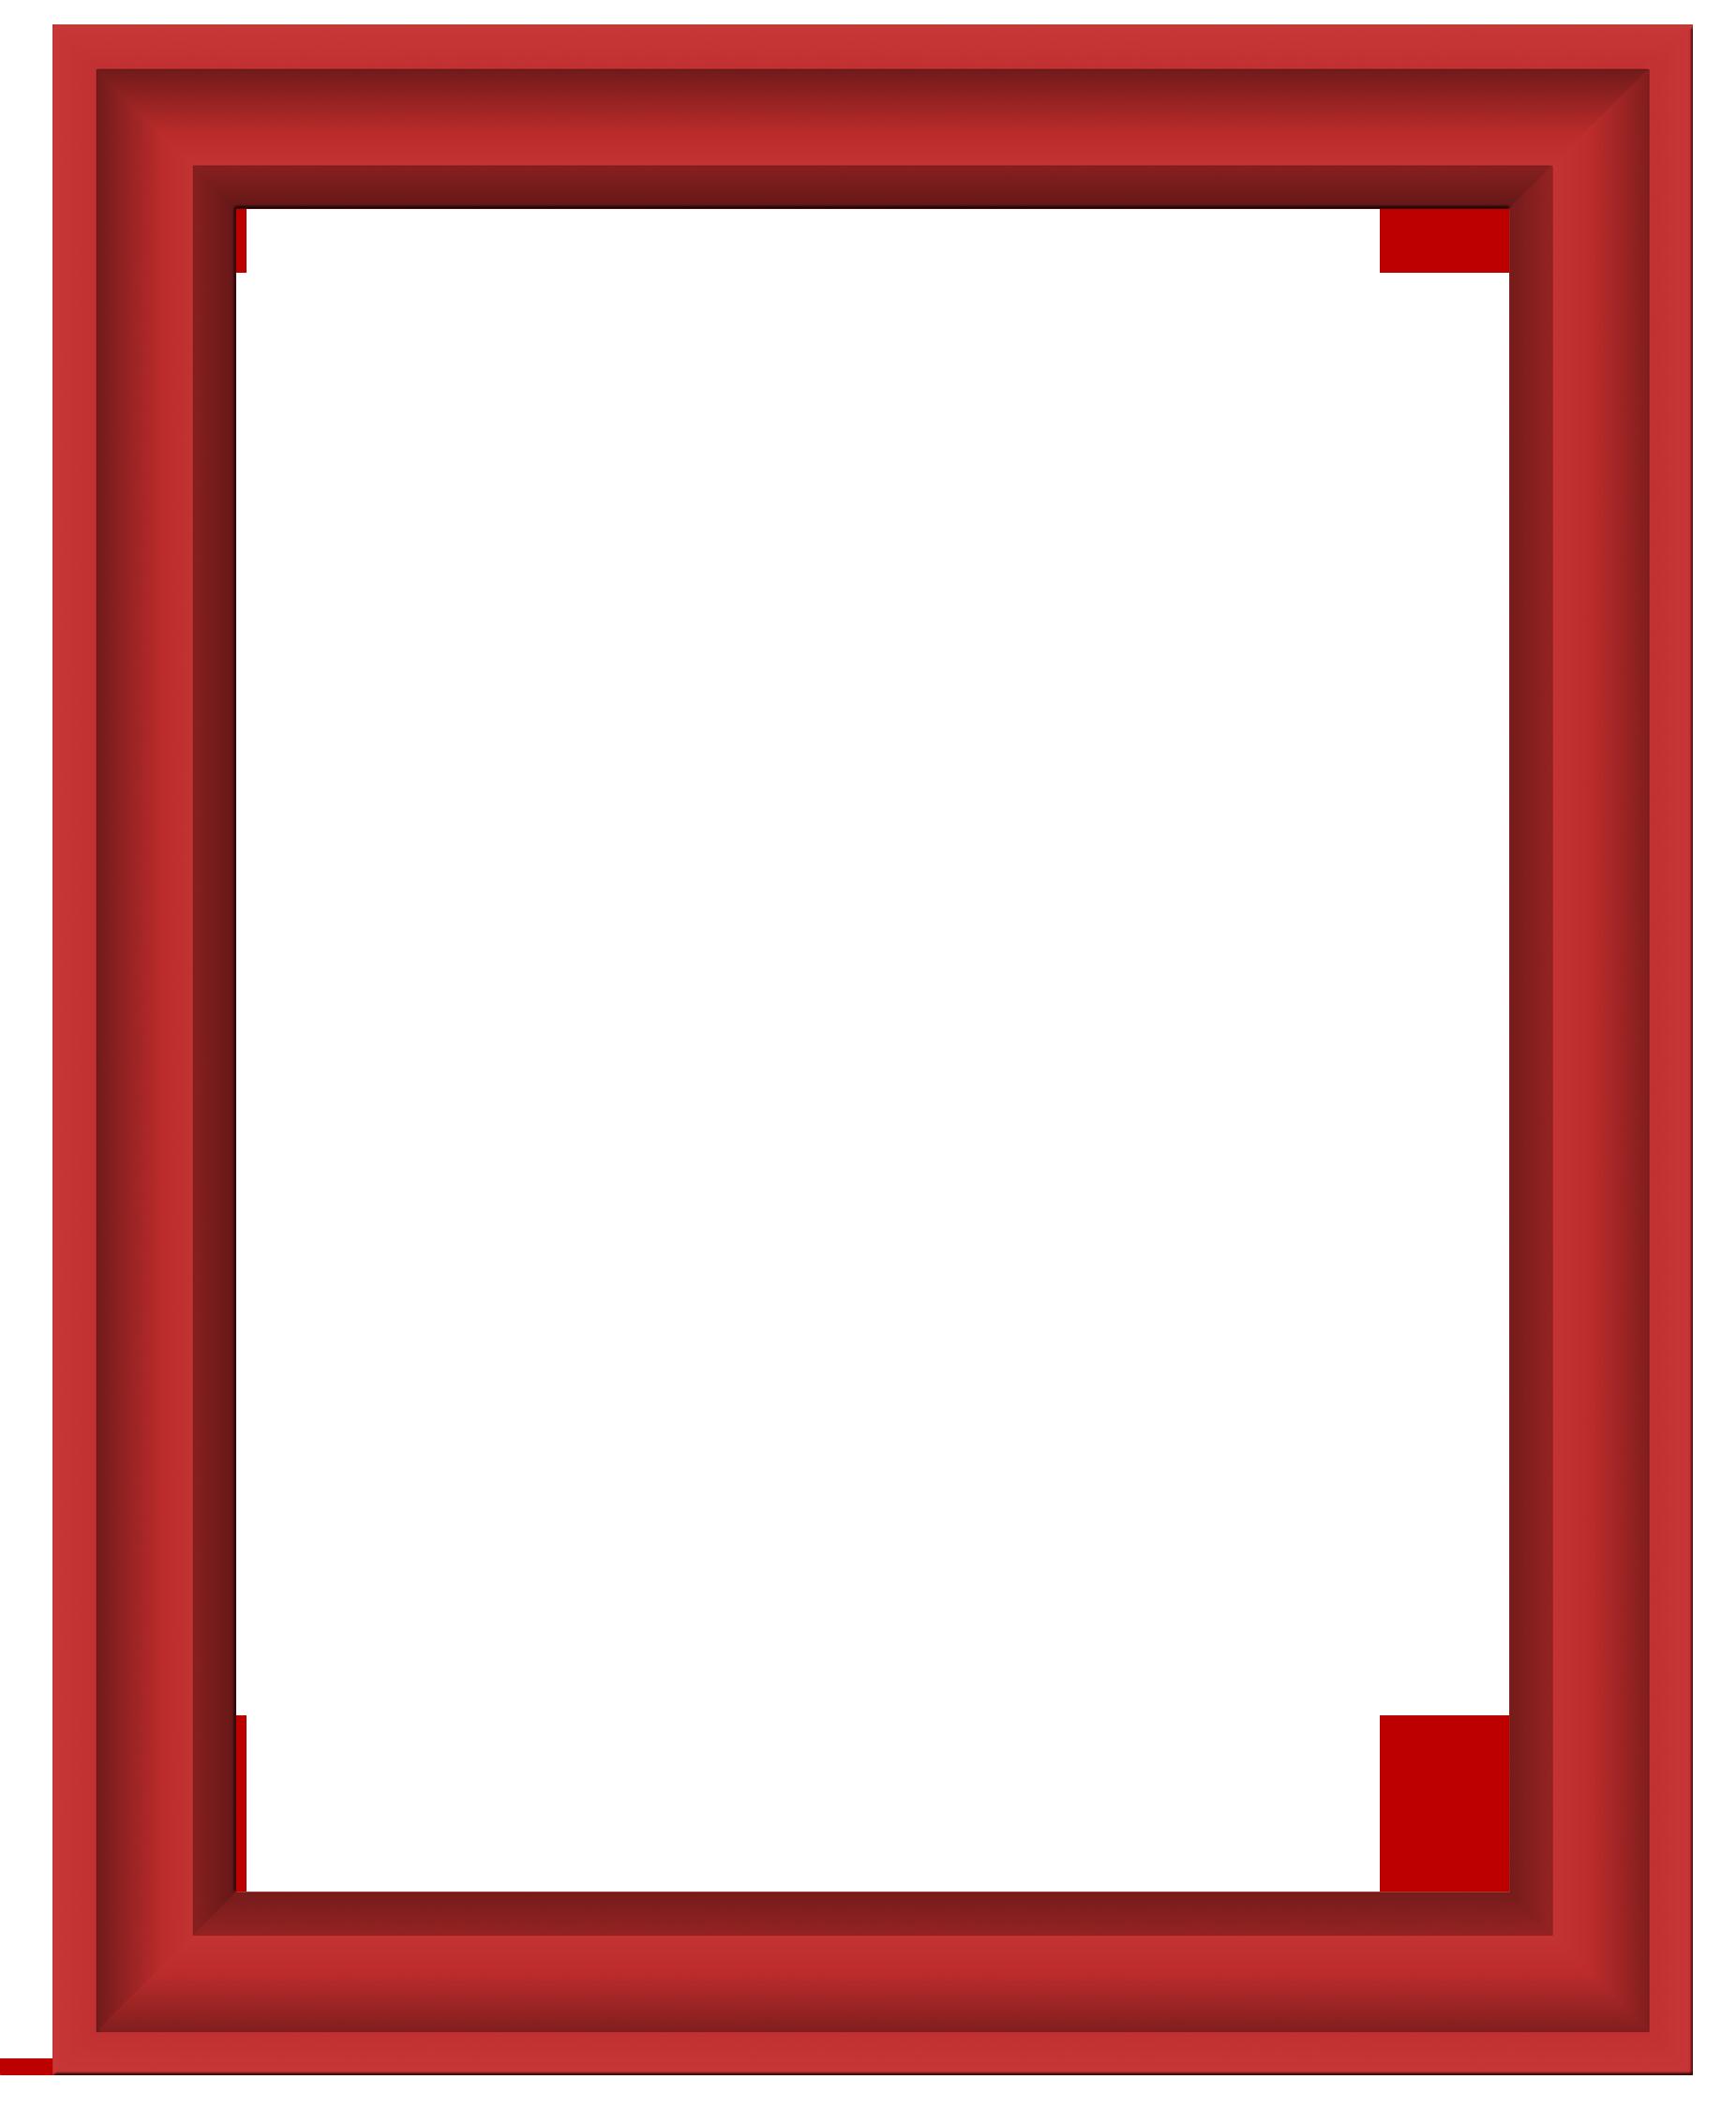 noreimerreason_rtm_frame_3.png